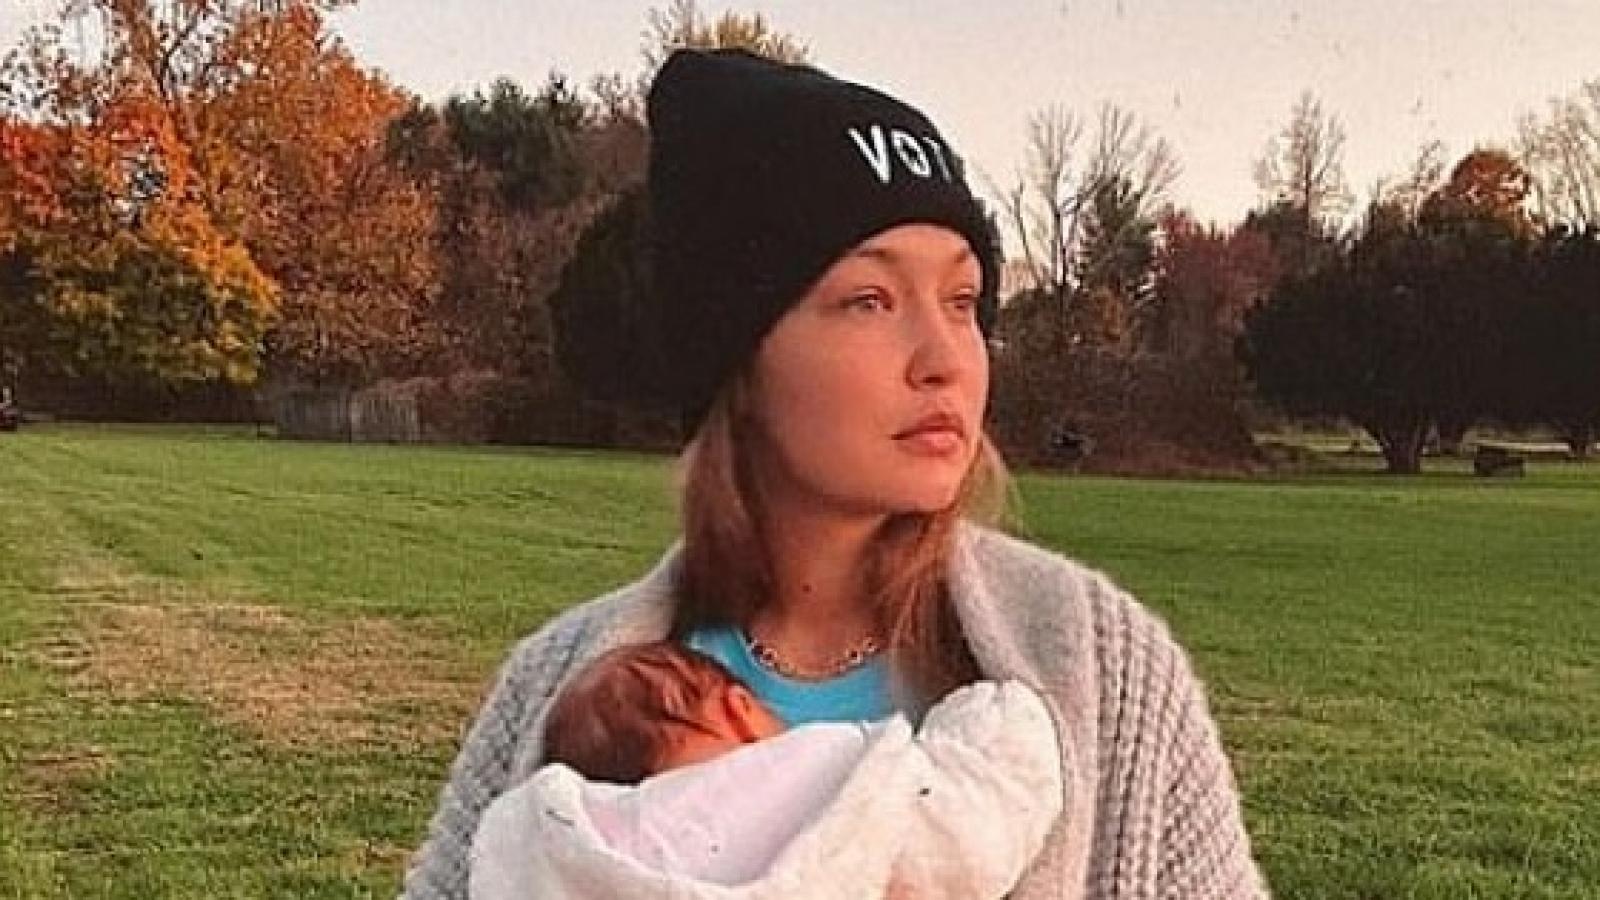 Gigi Hadid địu con gái cưng đứng tạo dáng trên đồng cỏ xanh